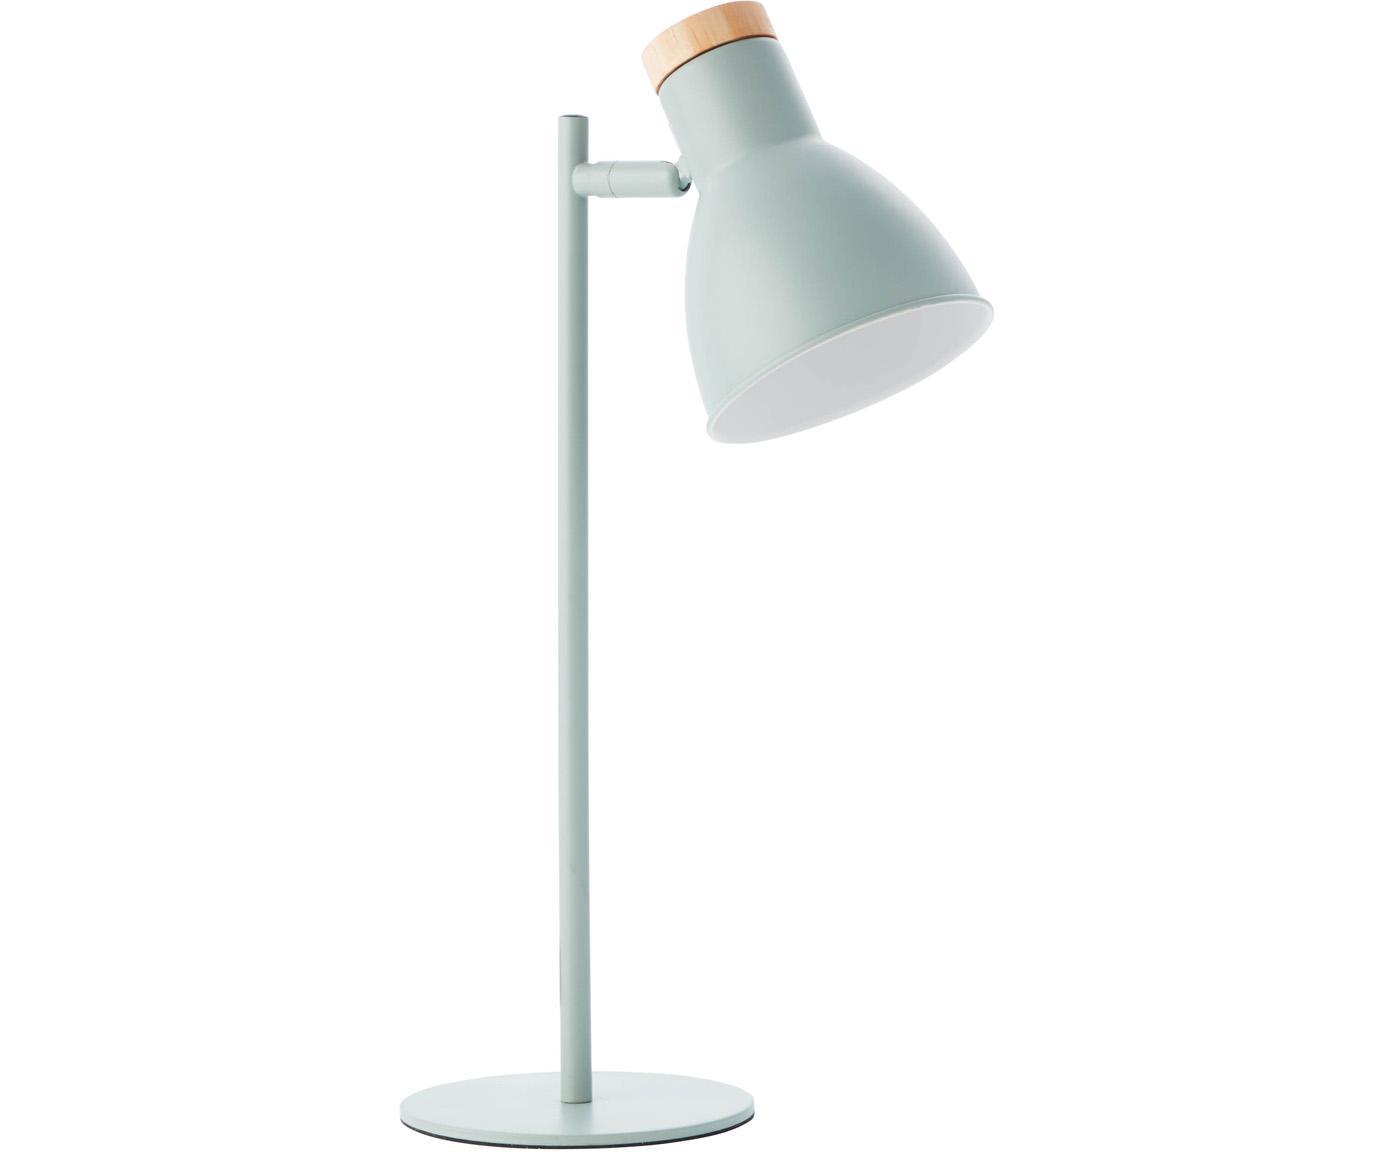 Tafellamp Venea mat, Lampenkap: metaal, Decoratie: hout, Mintgroen, houtkleurig, Ø 15 cm